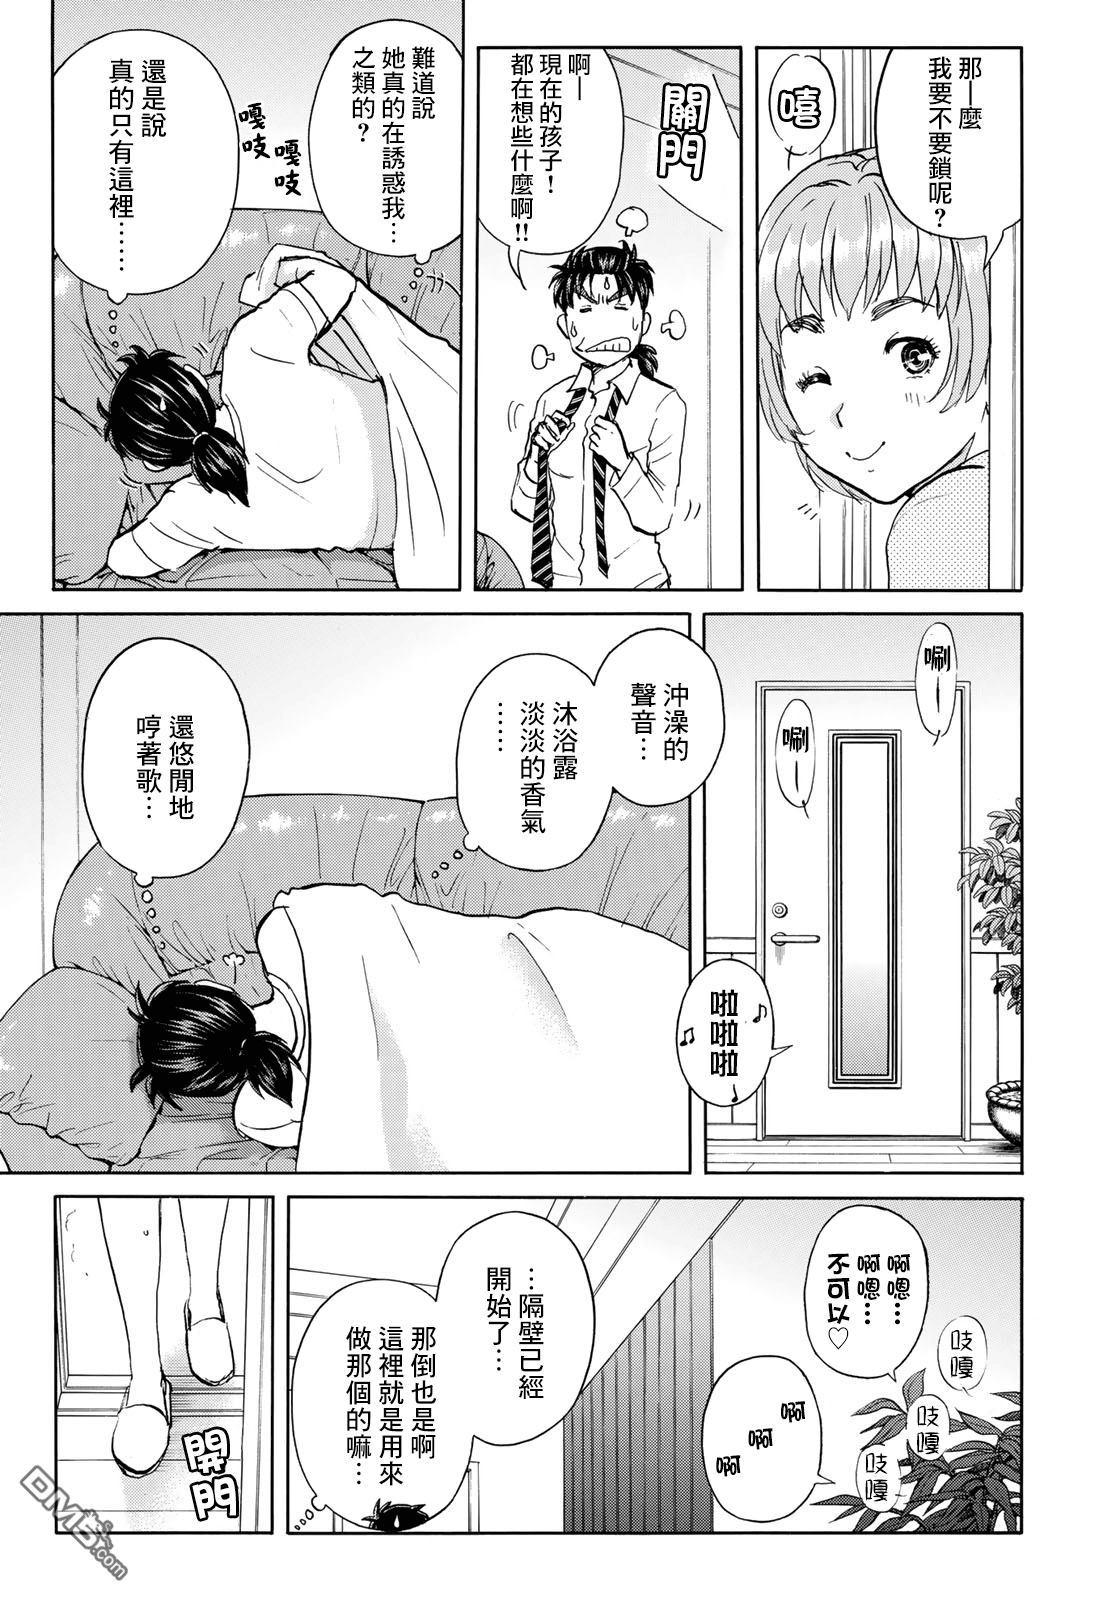 金田一37歲事件簿第33話 沒有完結的慘劇(第8頁)劇情-奴奴漫畫